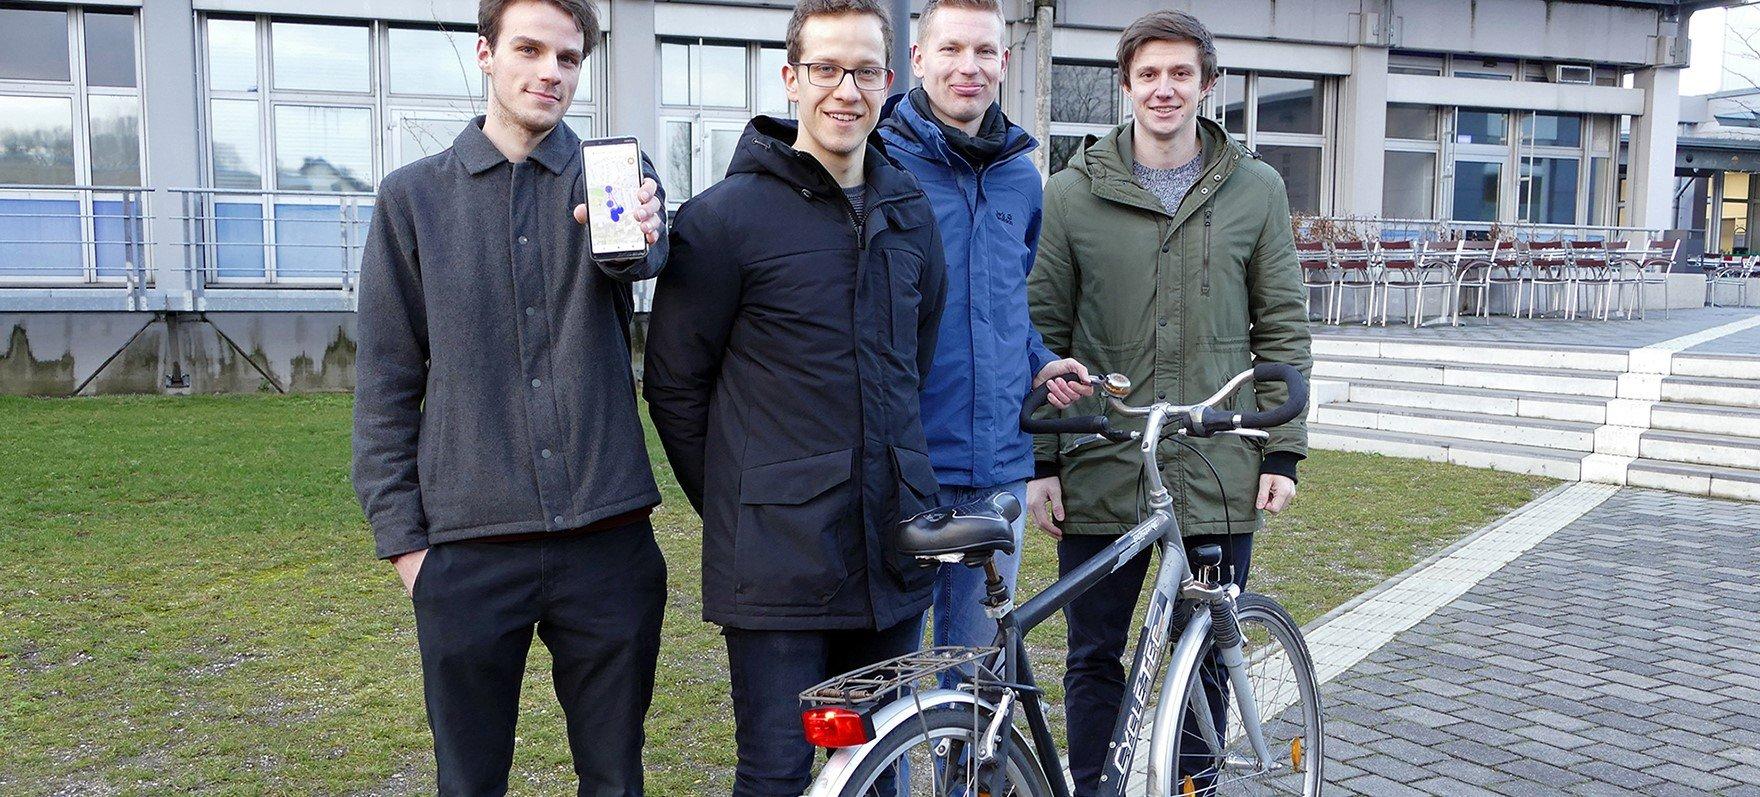 Felix Weissberg, Frank Lenfert, Christian Tapken und Simon Ebbers (v.l.) haben ein smartes Fahrradrücklicht mit Ortungssystem entwickelt. Das Foto ist entstanden, bevor die Schutzmaßnahmen zum Coronavirus kamen. (Foto: FH Münster/Jana Schiller)